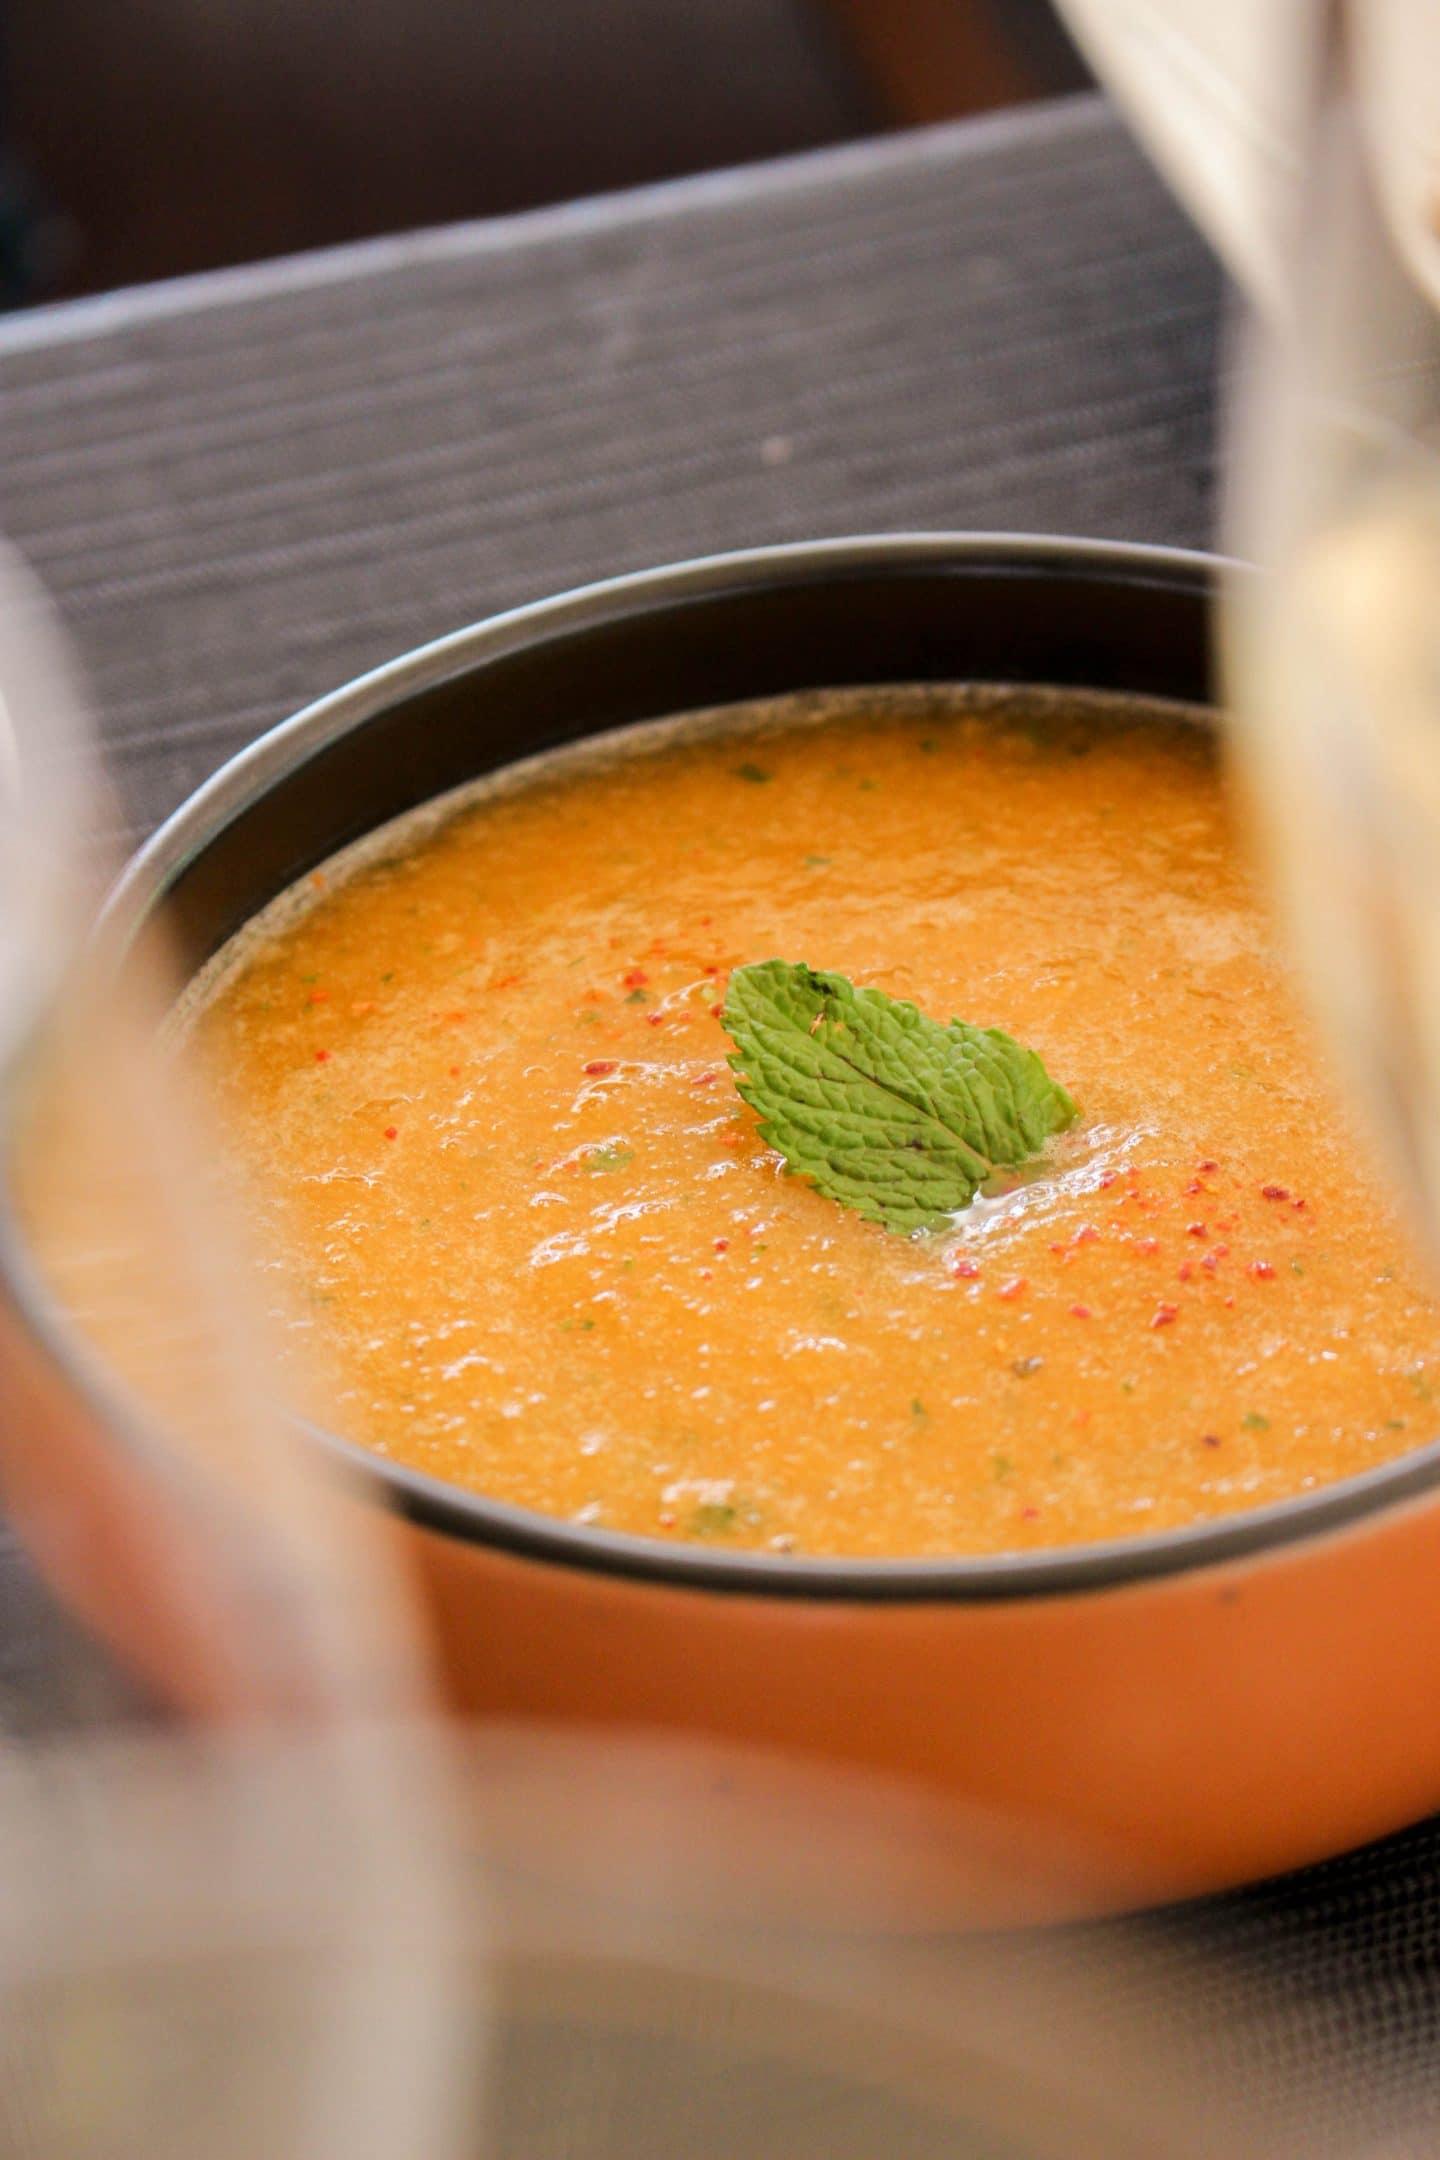 Soupe au melon - Sophie's Way